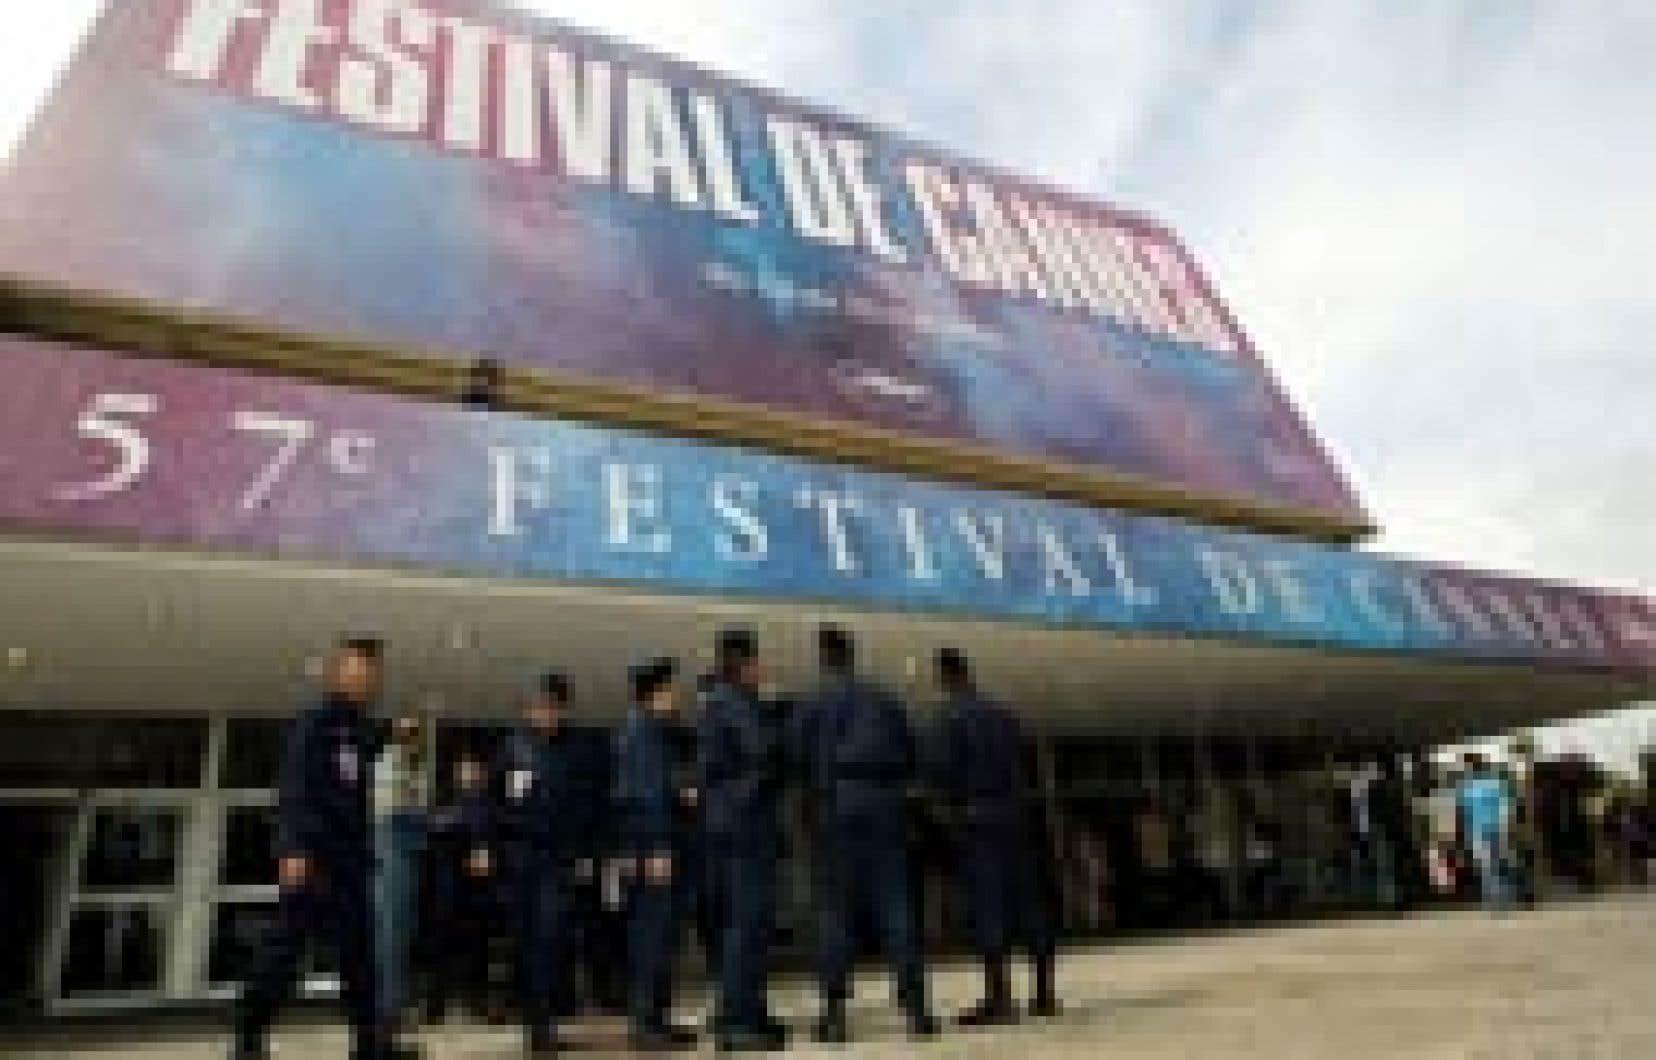 Les policiers pullulent sur le site du Festival de Cannes, moins pour s'opposer aux intermittents que par crainte d'attentats.